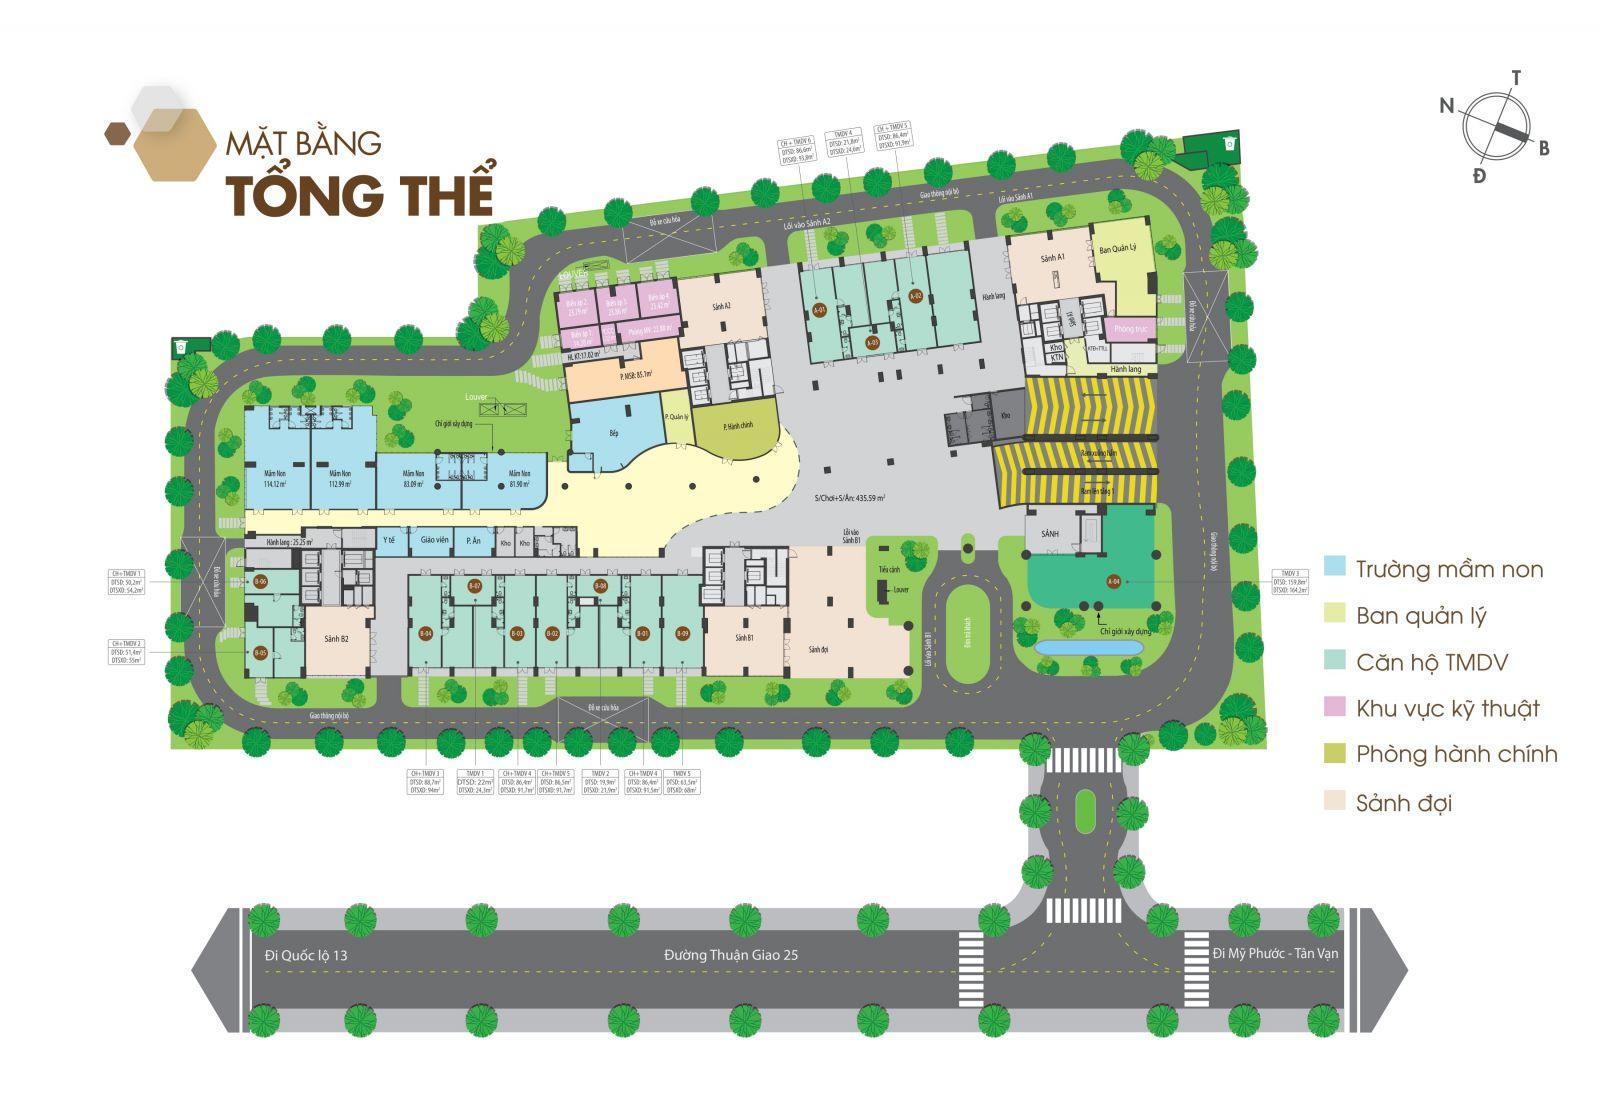 Mặt bằng tông thể căn hộ Legacy Central